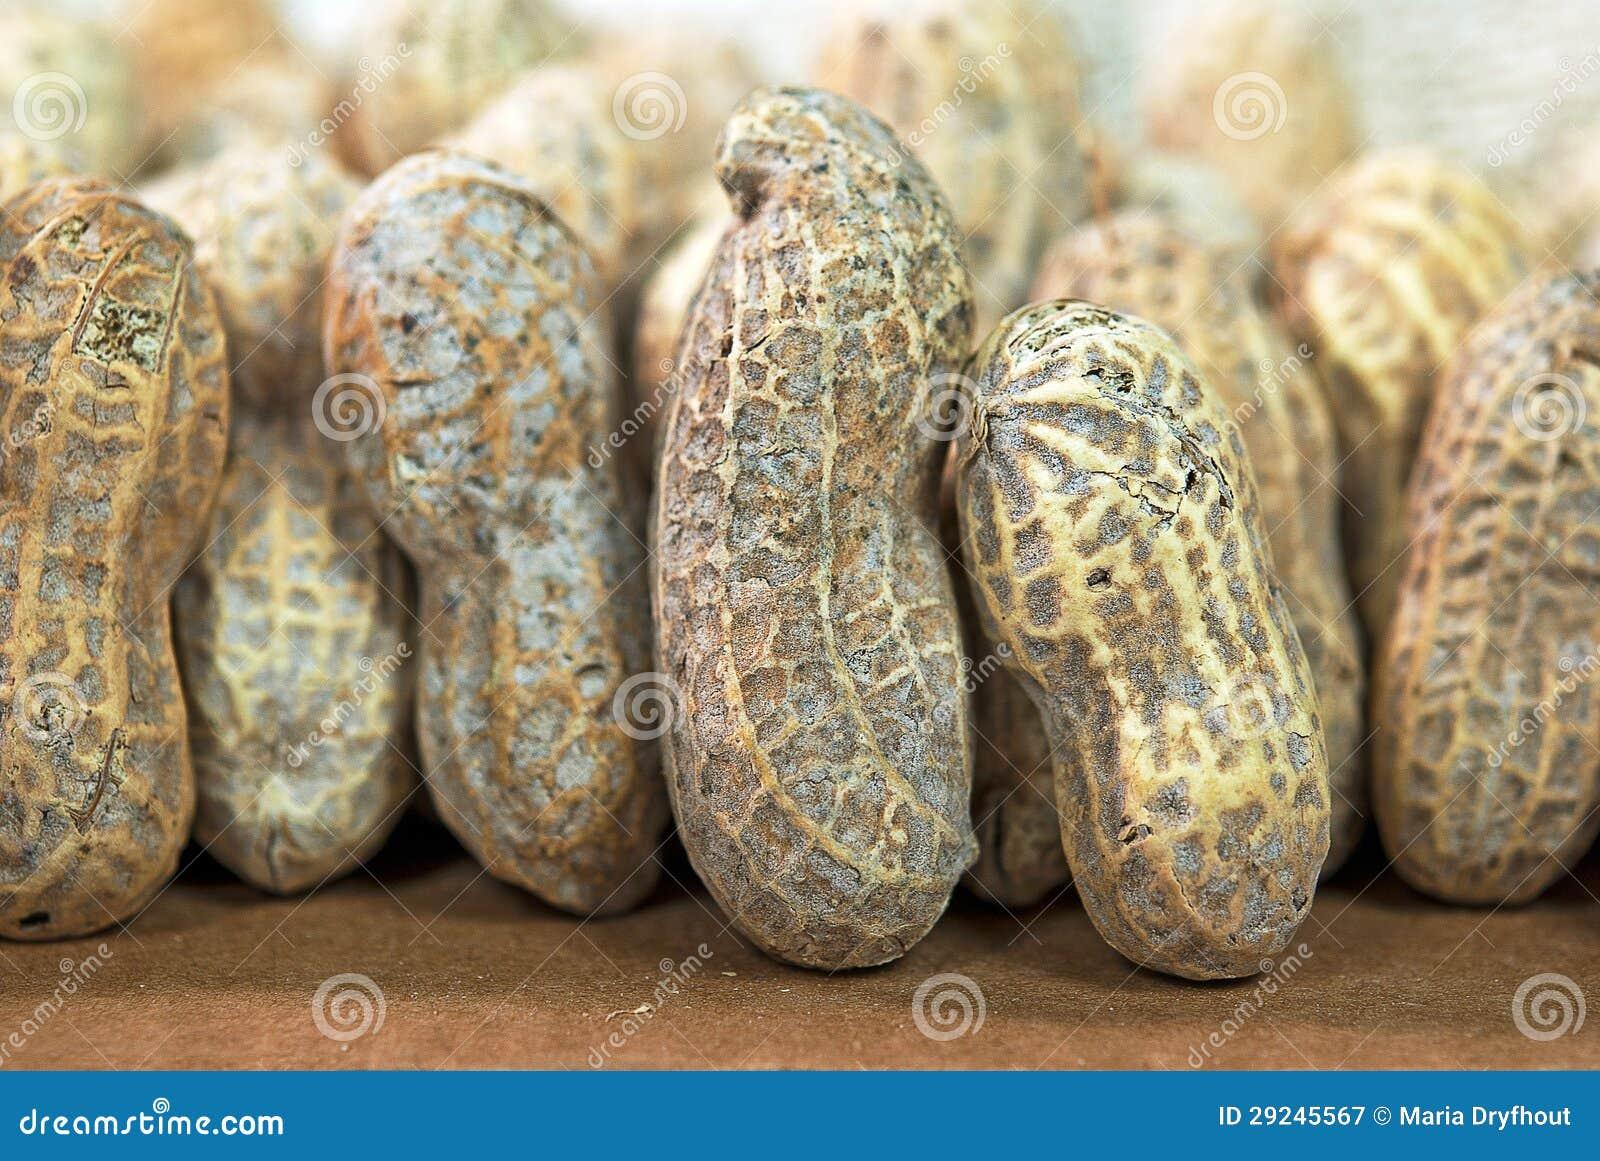 Download Feche acima dos amendoins imagem de stock. Imagem de multidão - 29245567